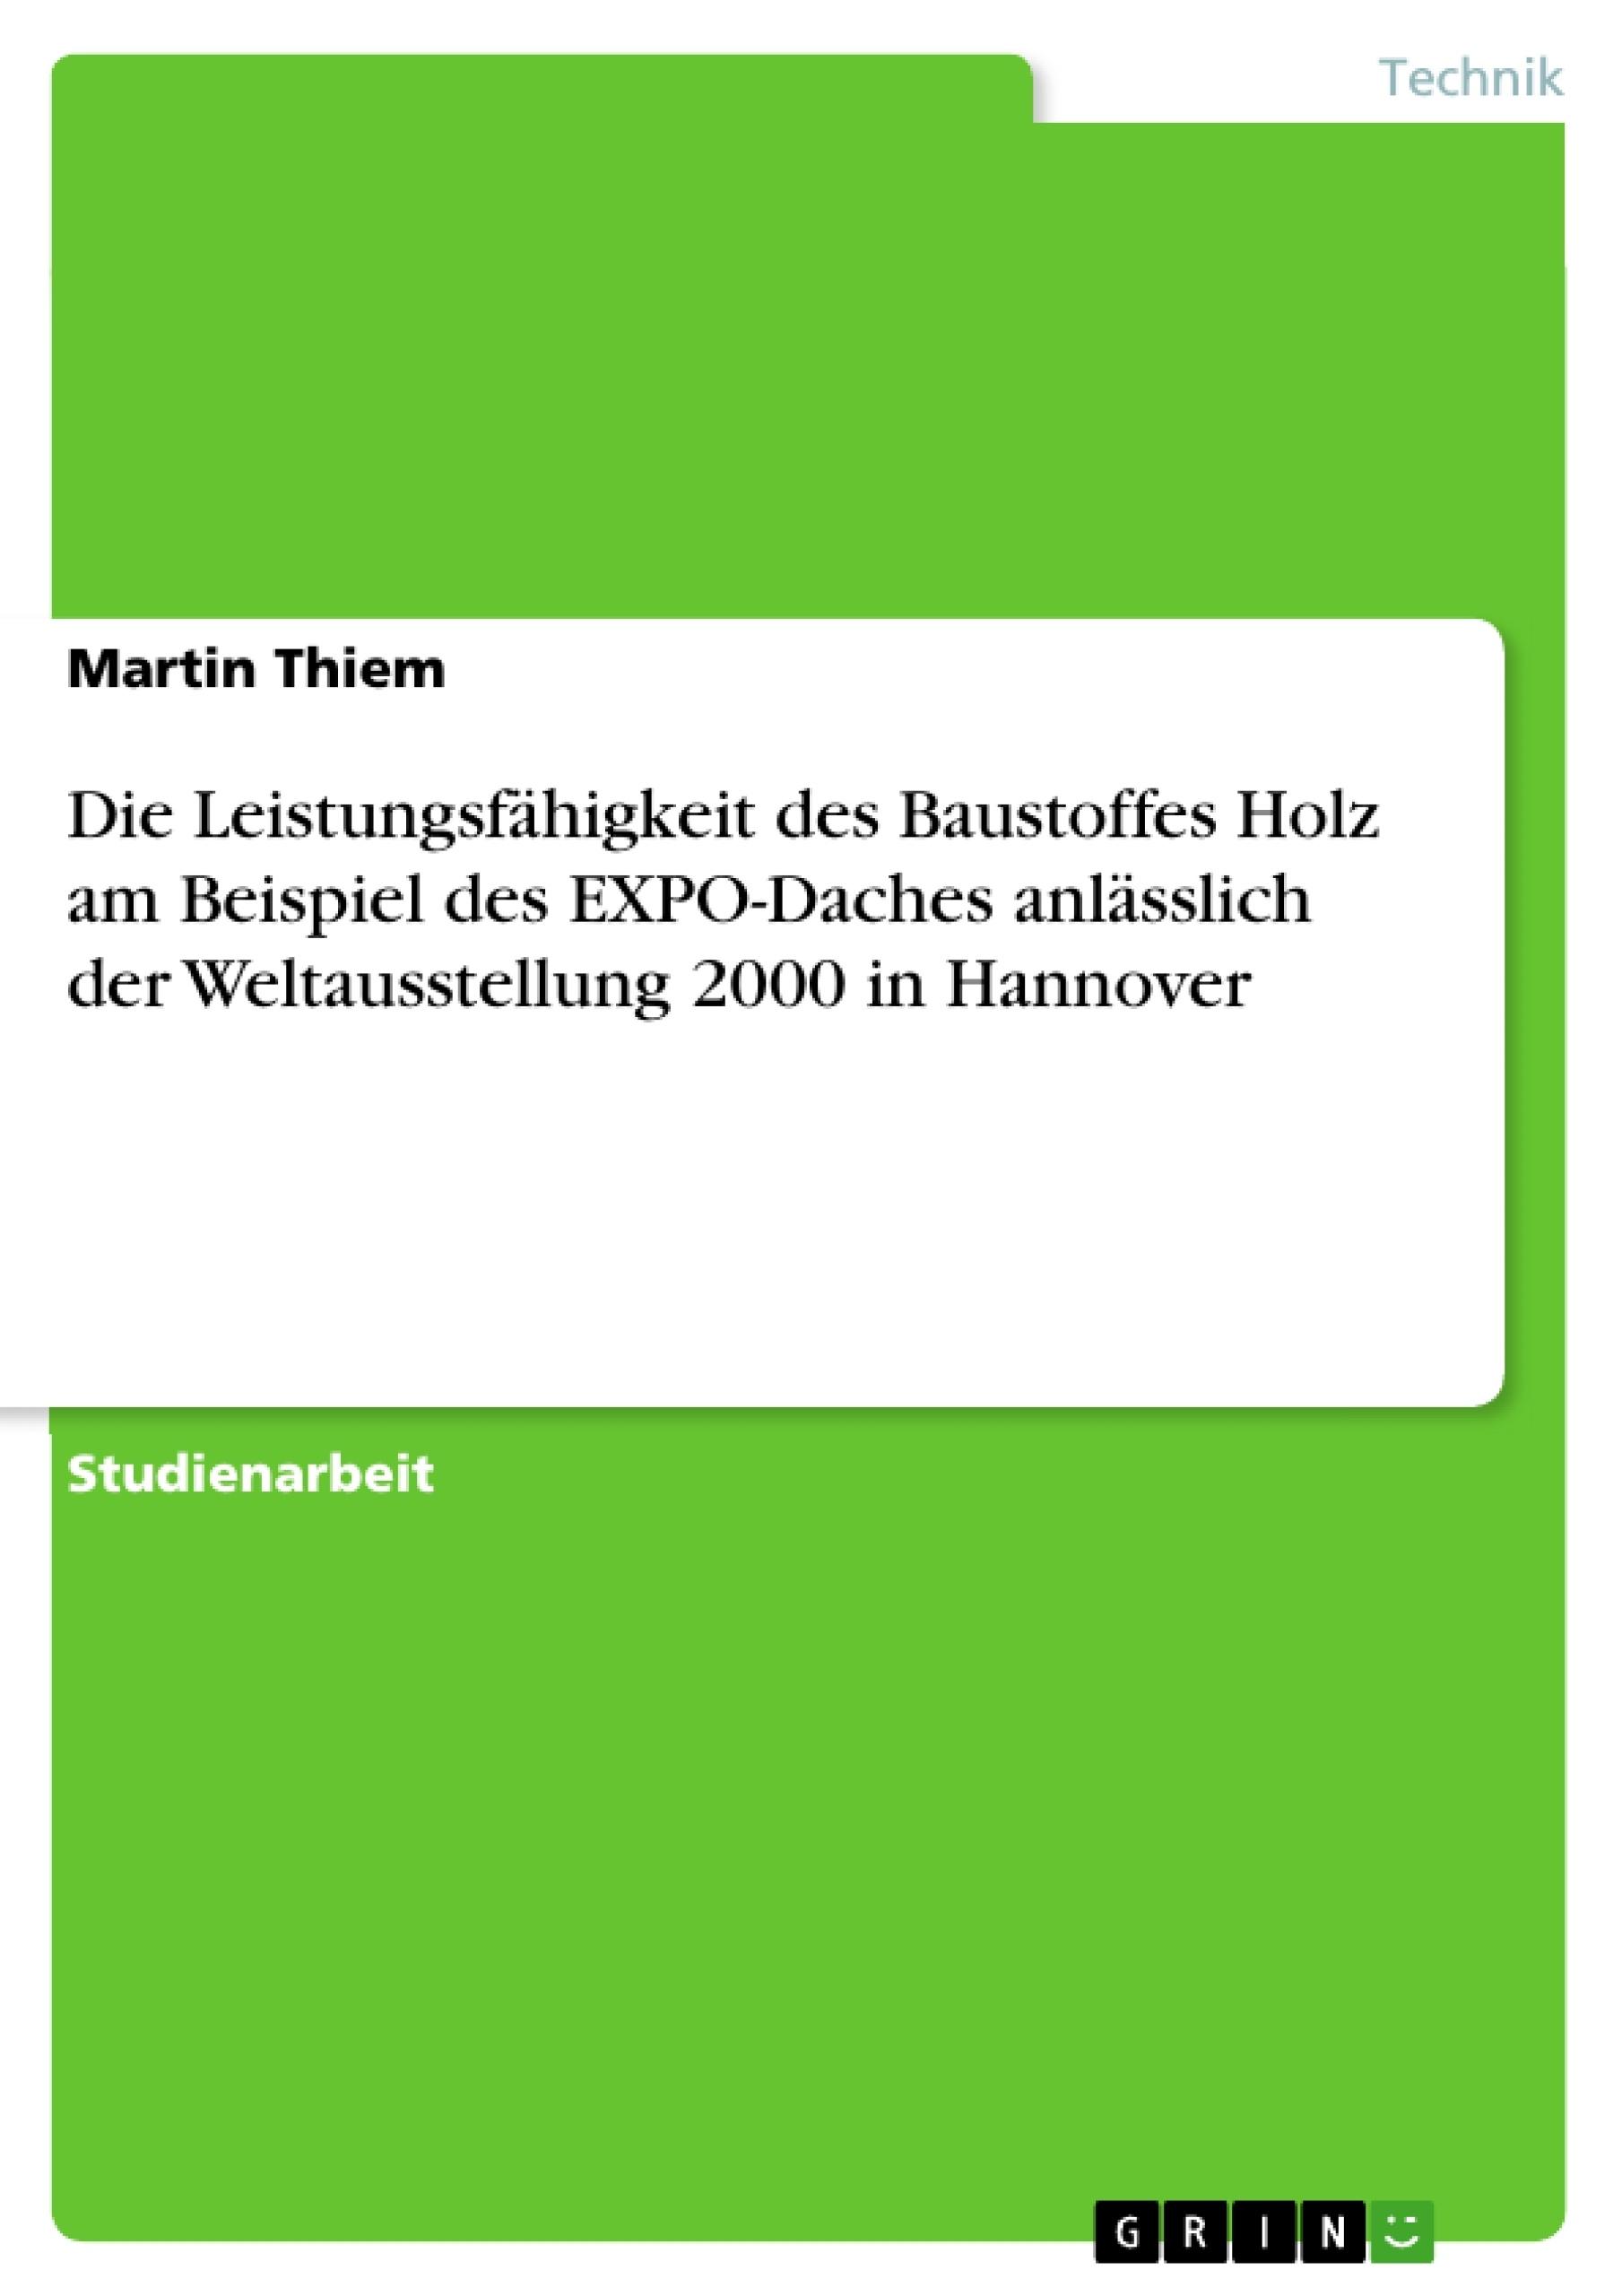 Titel: Die Leistungsfähigkeit des Baustoffes Holz am Beispiel des EXPO-Daches  anlässlich der Weltausstellung 2000 in Hannover